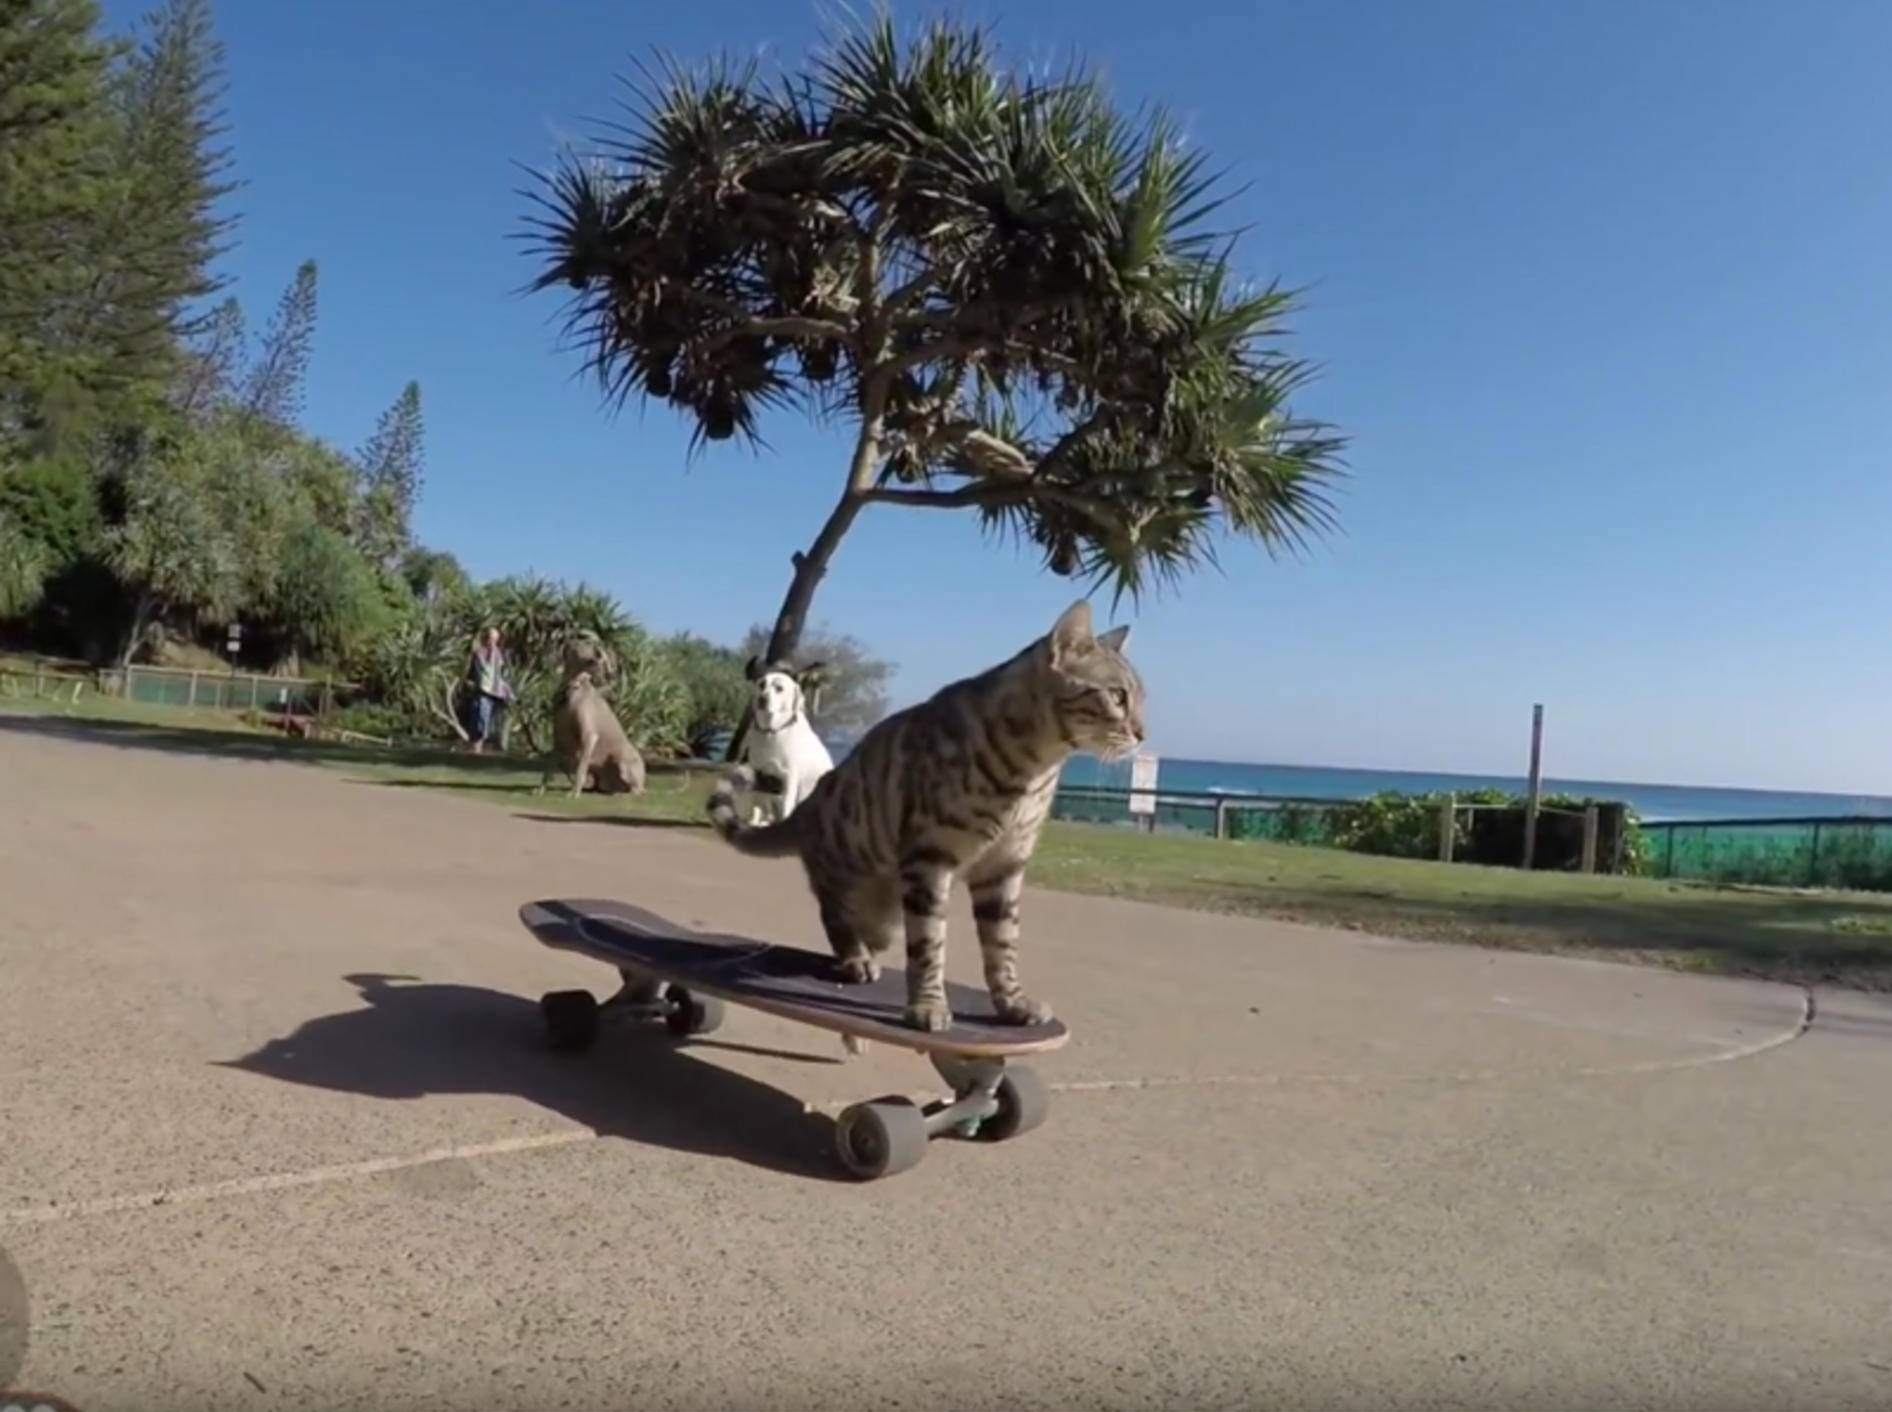 Bengalkater Boomer fährt ganz alleine Skateboard – YouTube / CATMANTOO